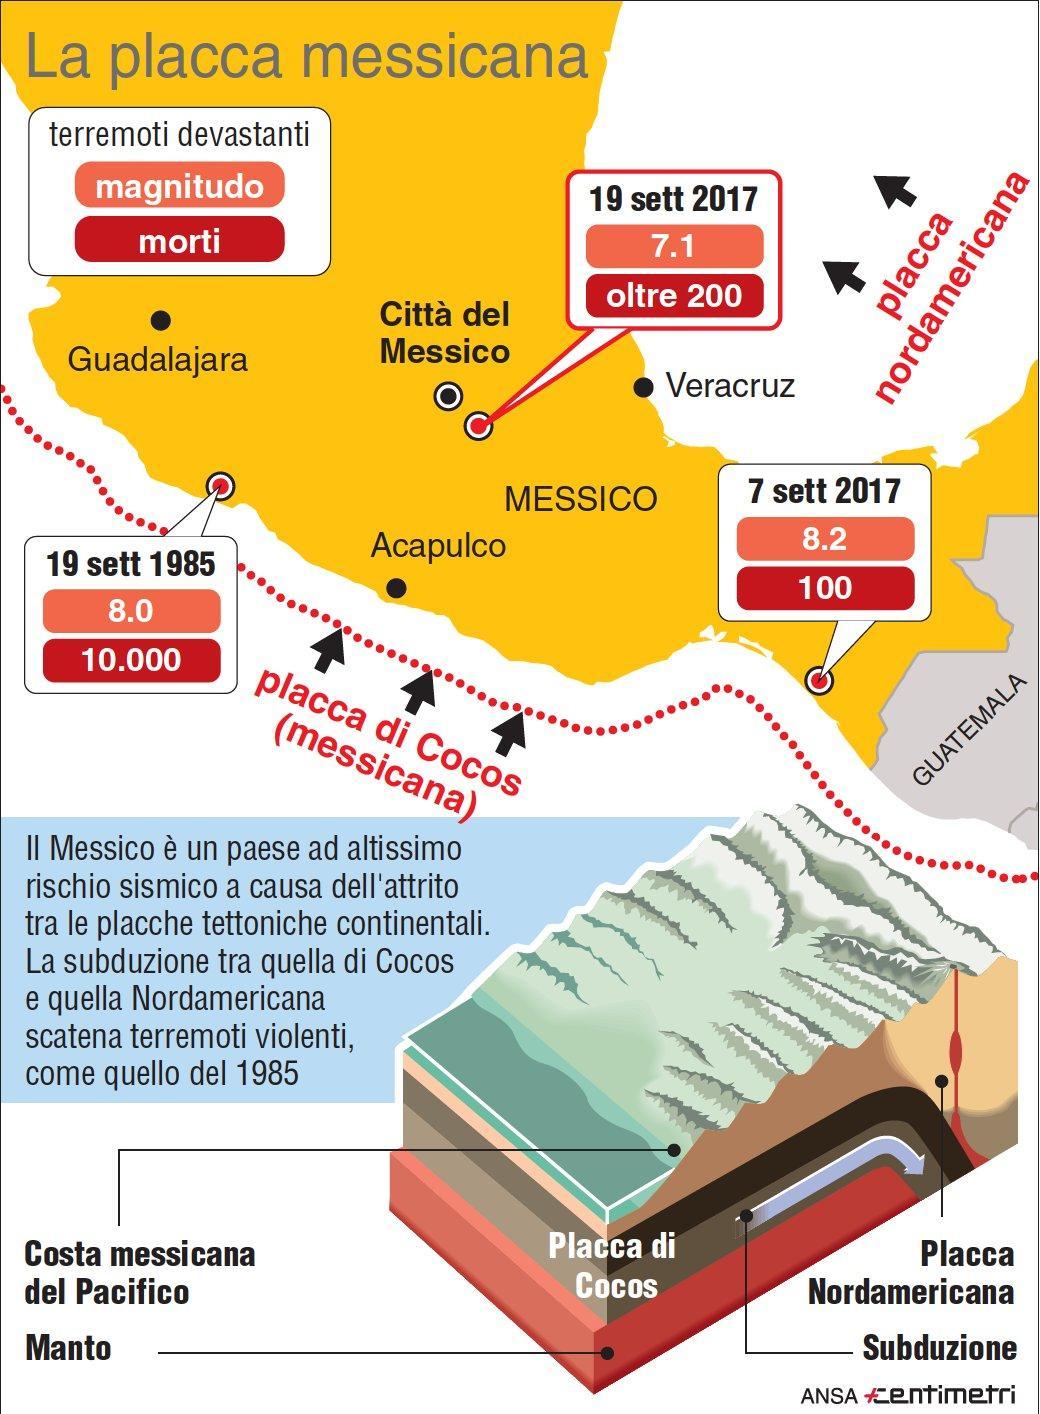 Terremoti, la placca messicana